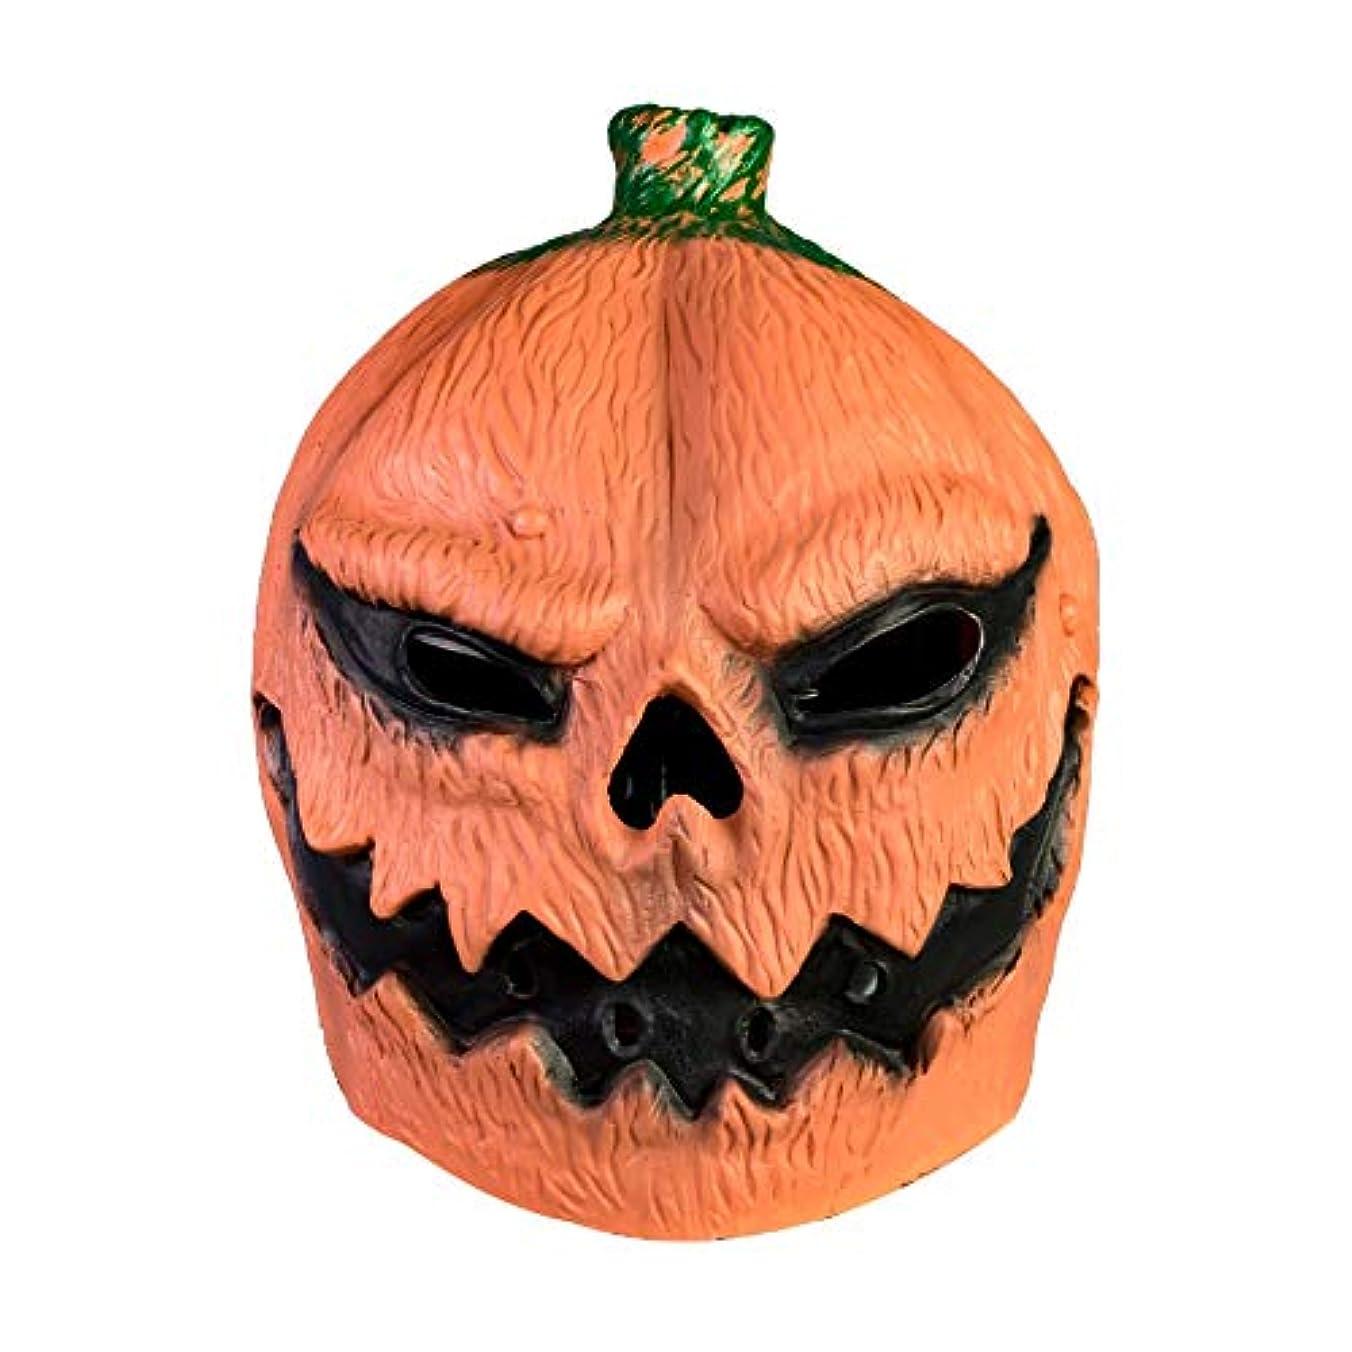 甲虫信仰控えめなハロウィンカボチャヘッドマスクホラーマスクラテックスダンス衣装ドラマ装飾コスチュームマスク